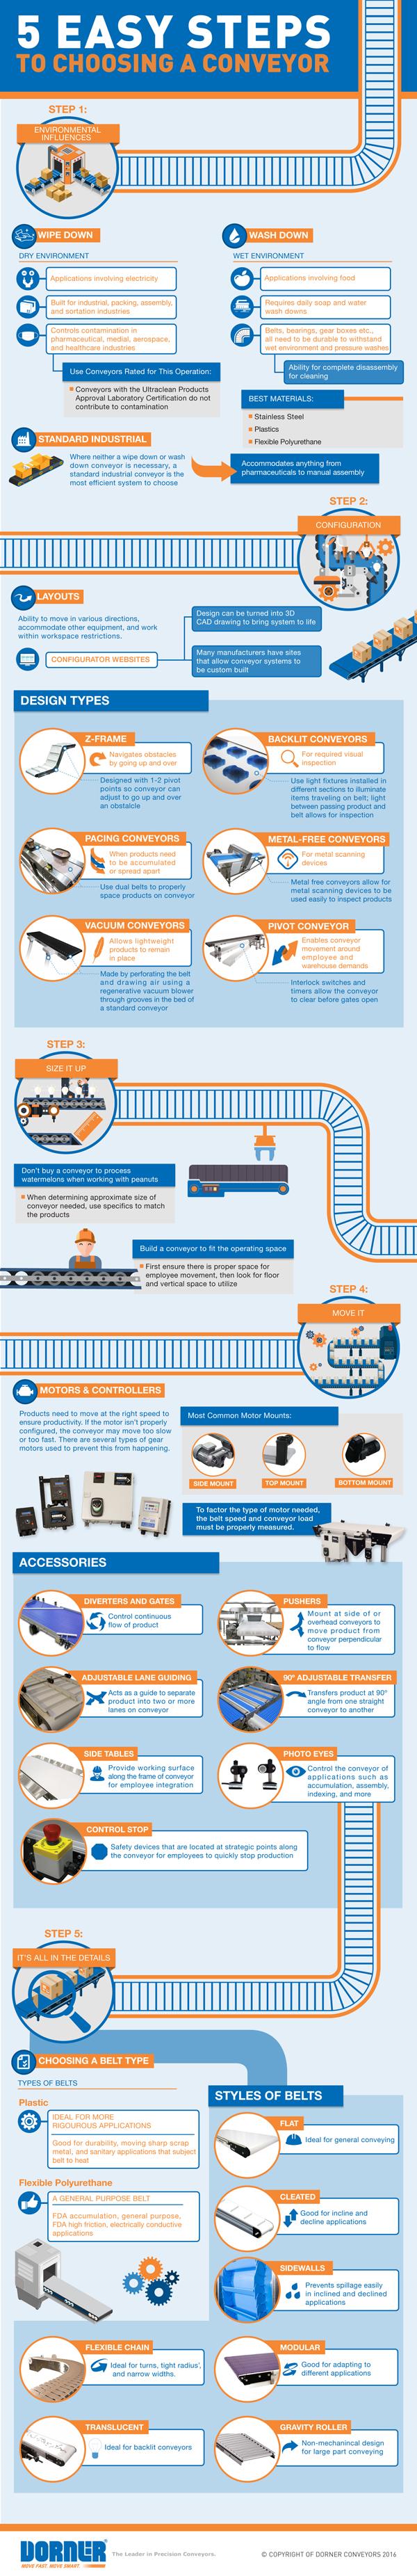 5 Easy Steps to Choosing a Conveyor